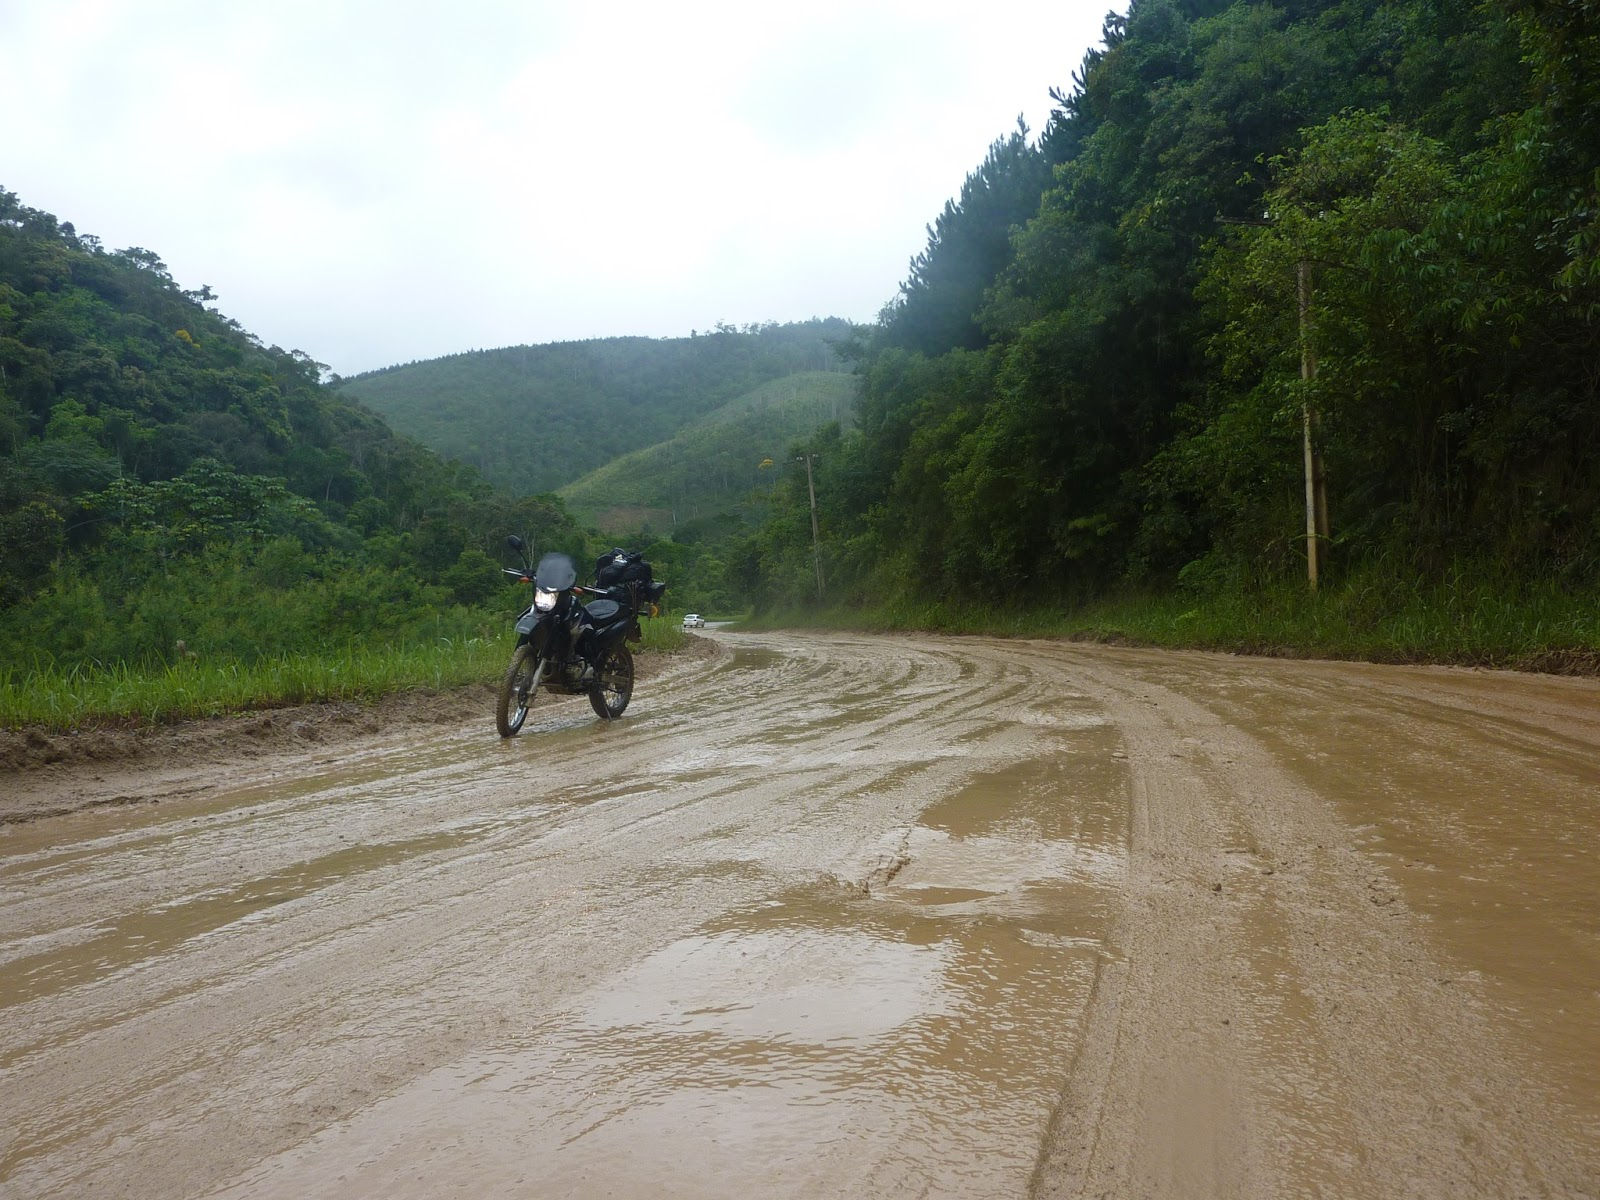 Andando de moto quase pelada 2 - 5 9